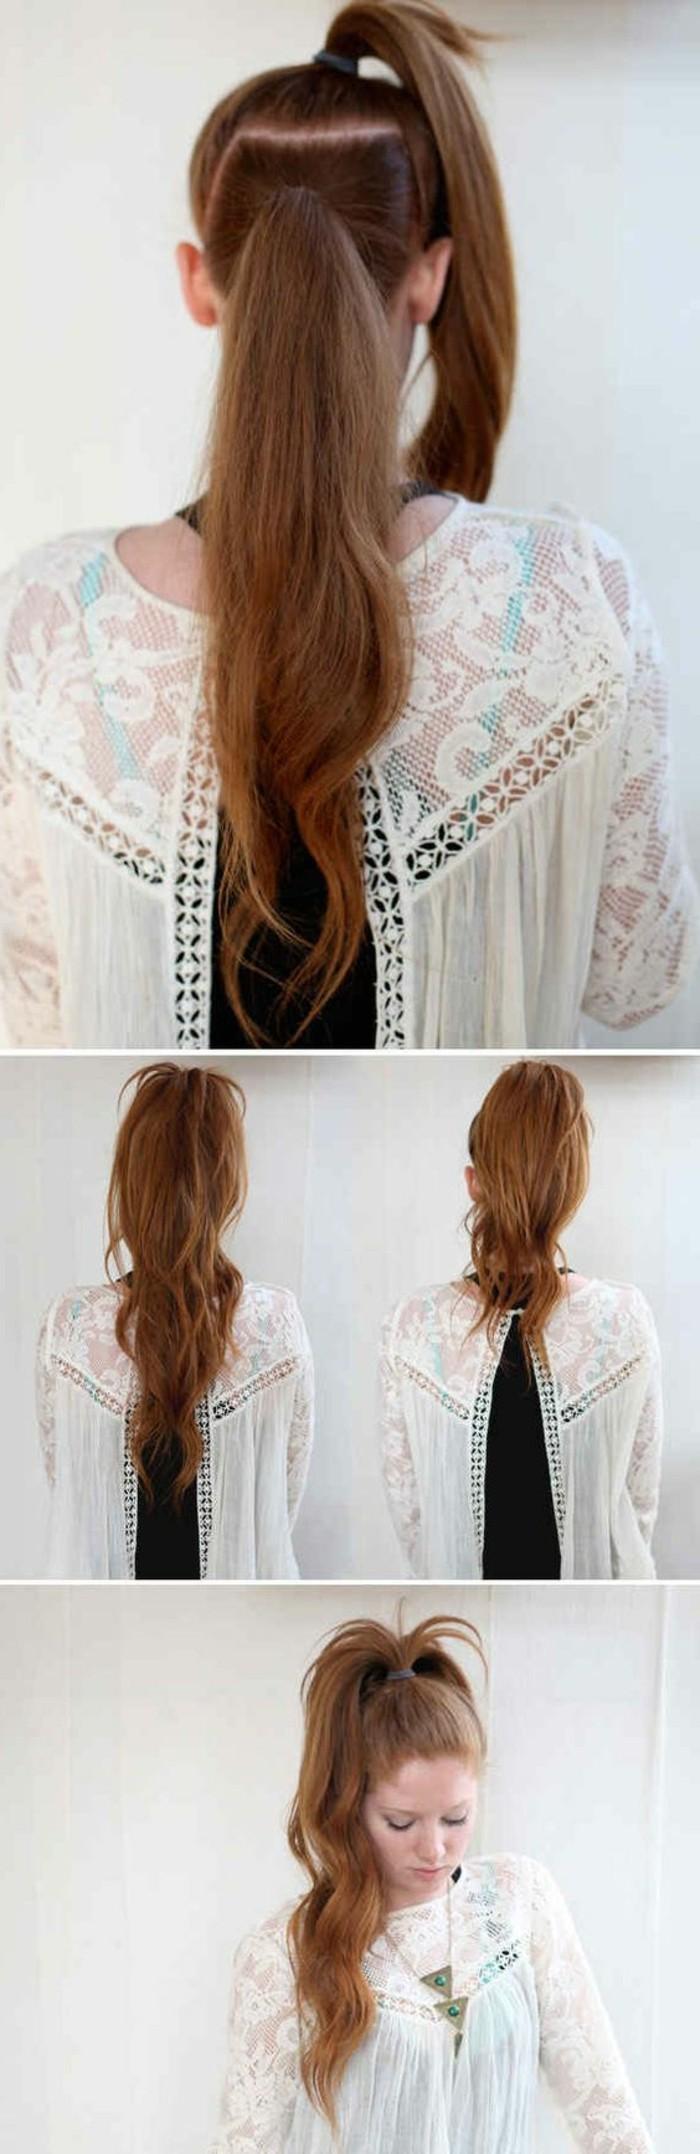 Schnelle-Frisuren-für-lange-Haare-in-einiger-Minuten